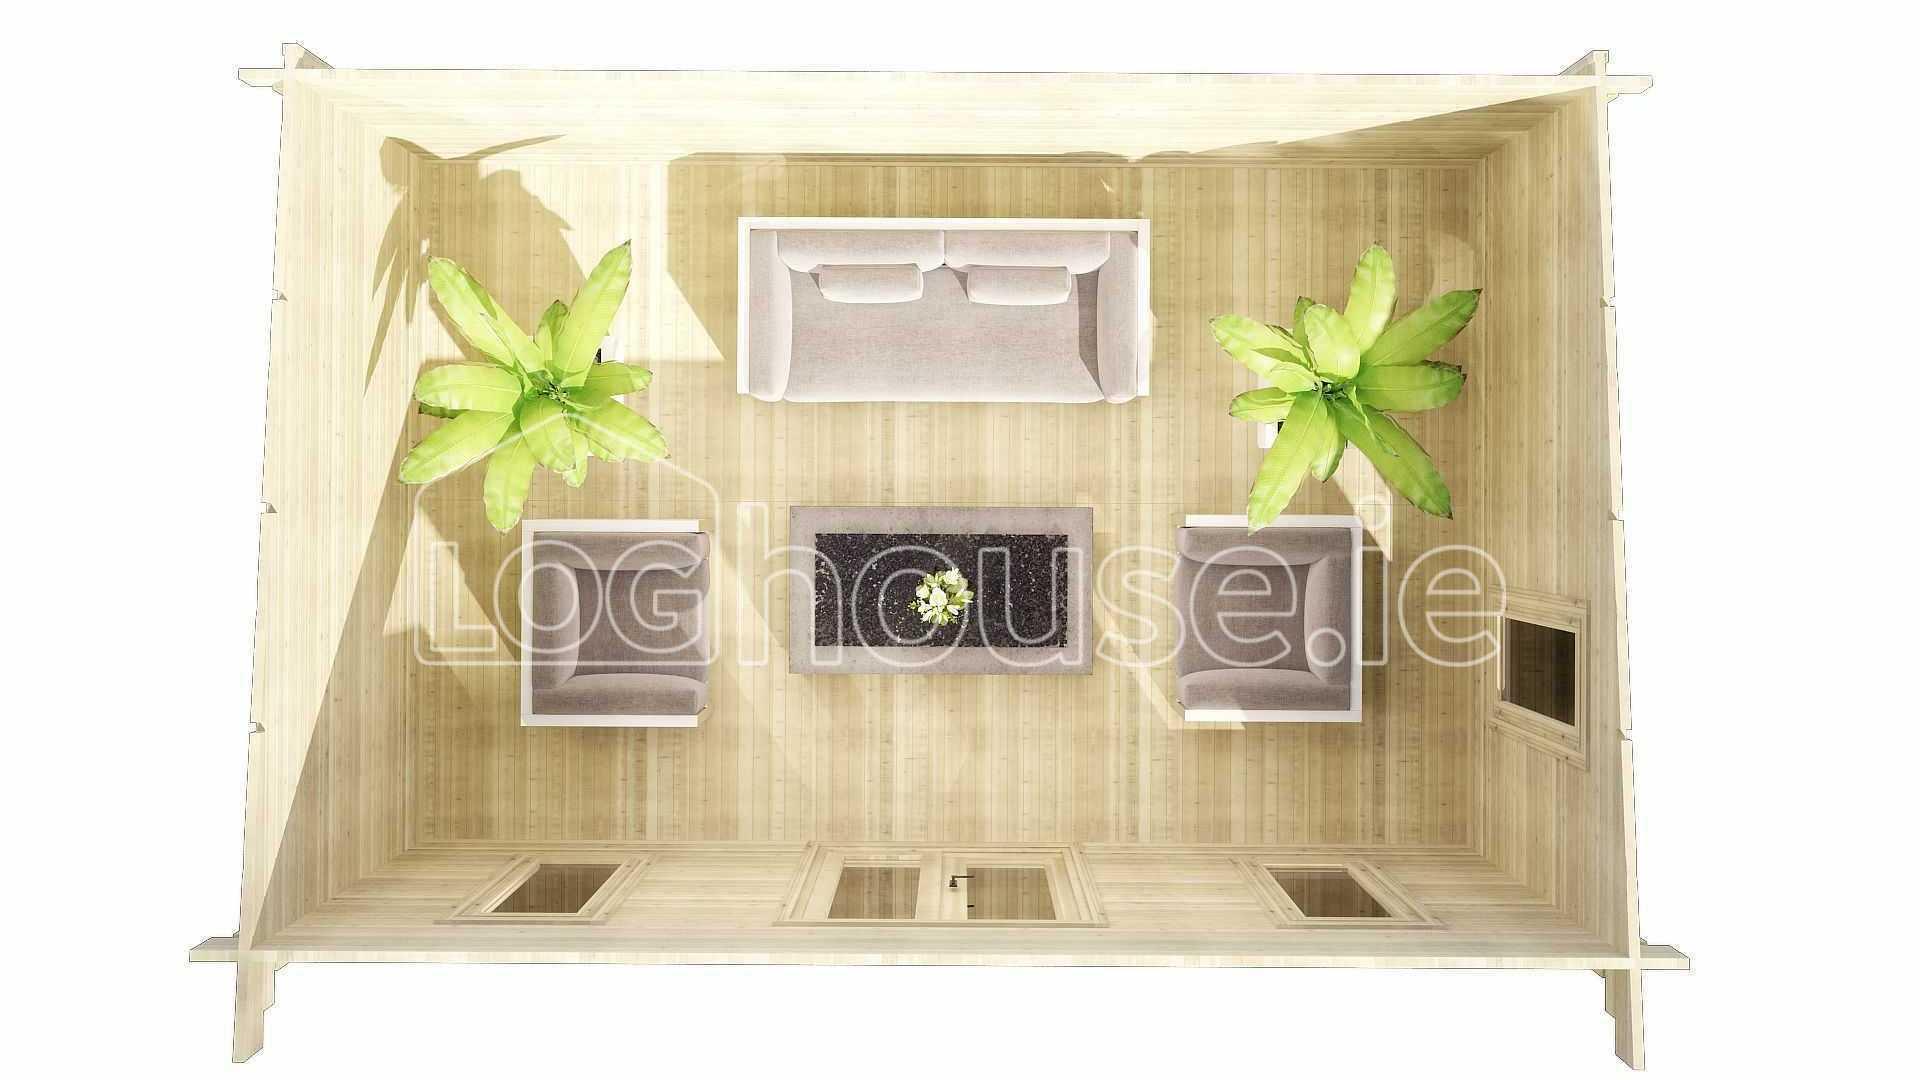 Wicklow Log Cabin Floor Plan